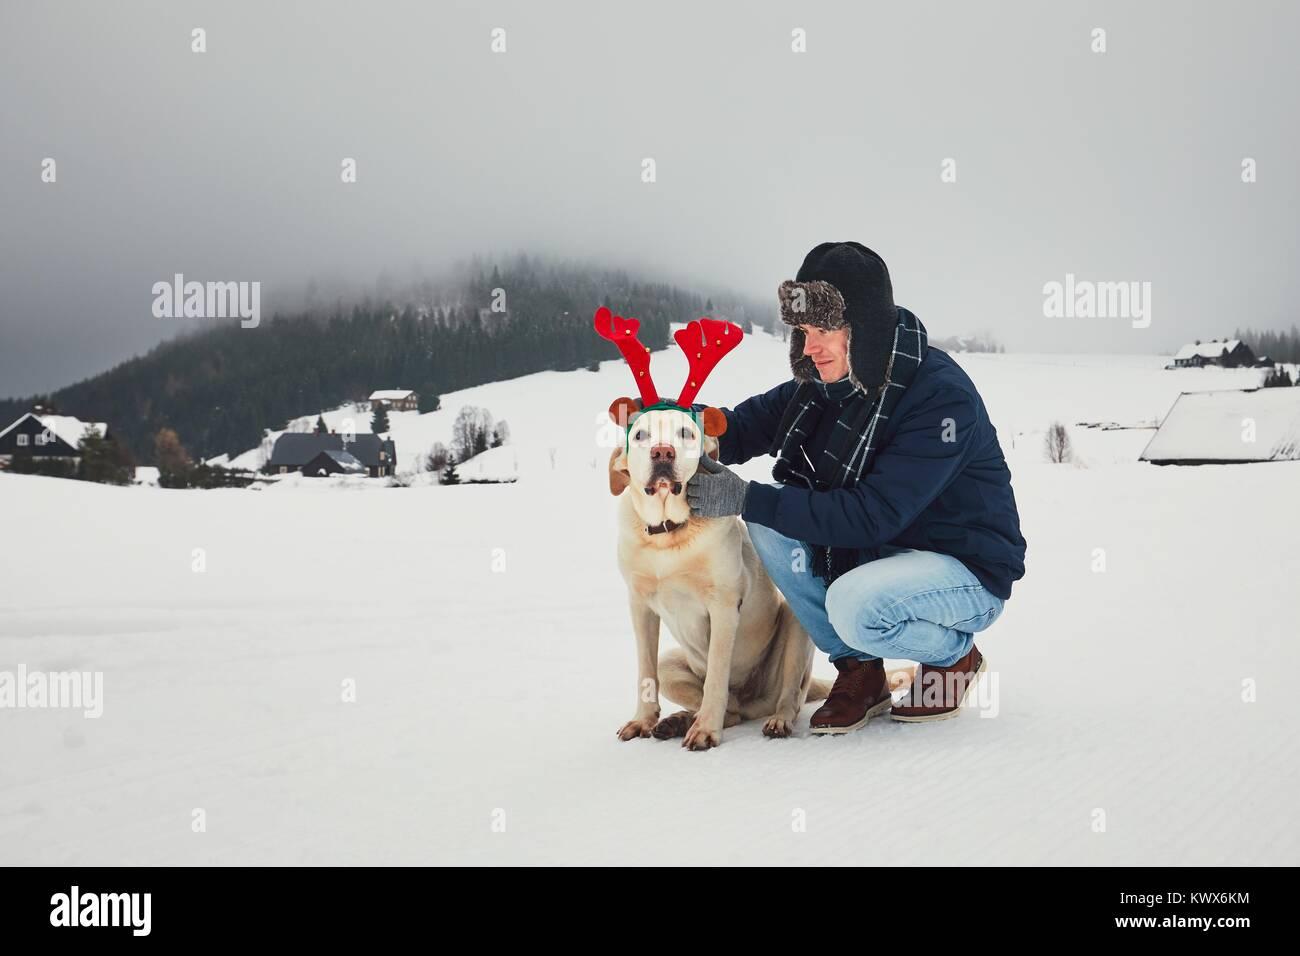 Divertido paseo con el perro en el paisaje nevado. Labrador retriever es vestir fake cuernos de reno. Temporada Imagen De Stock